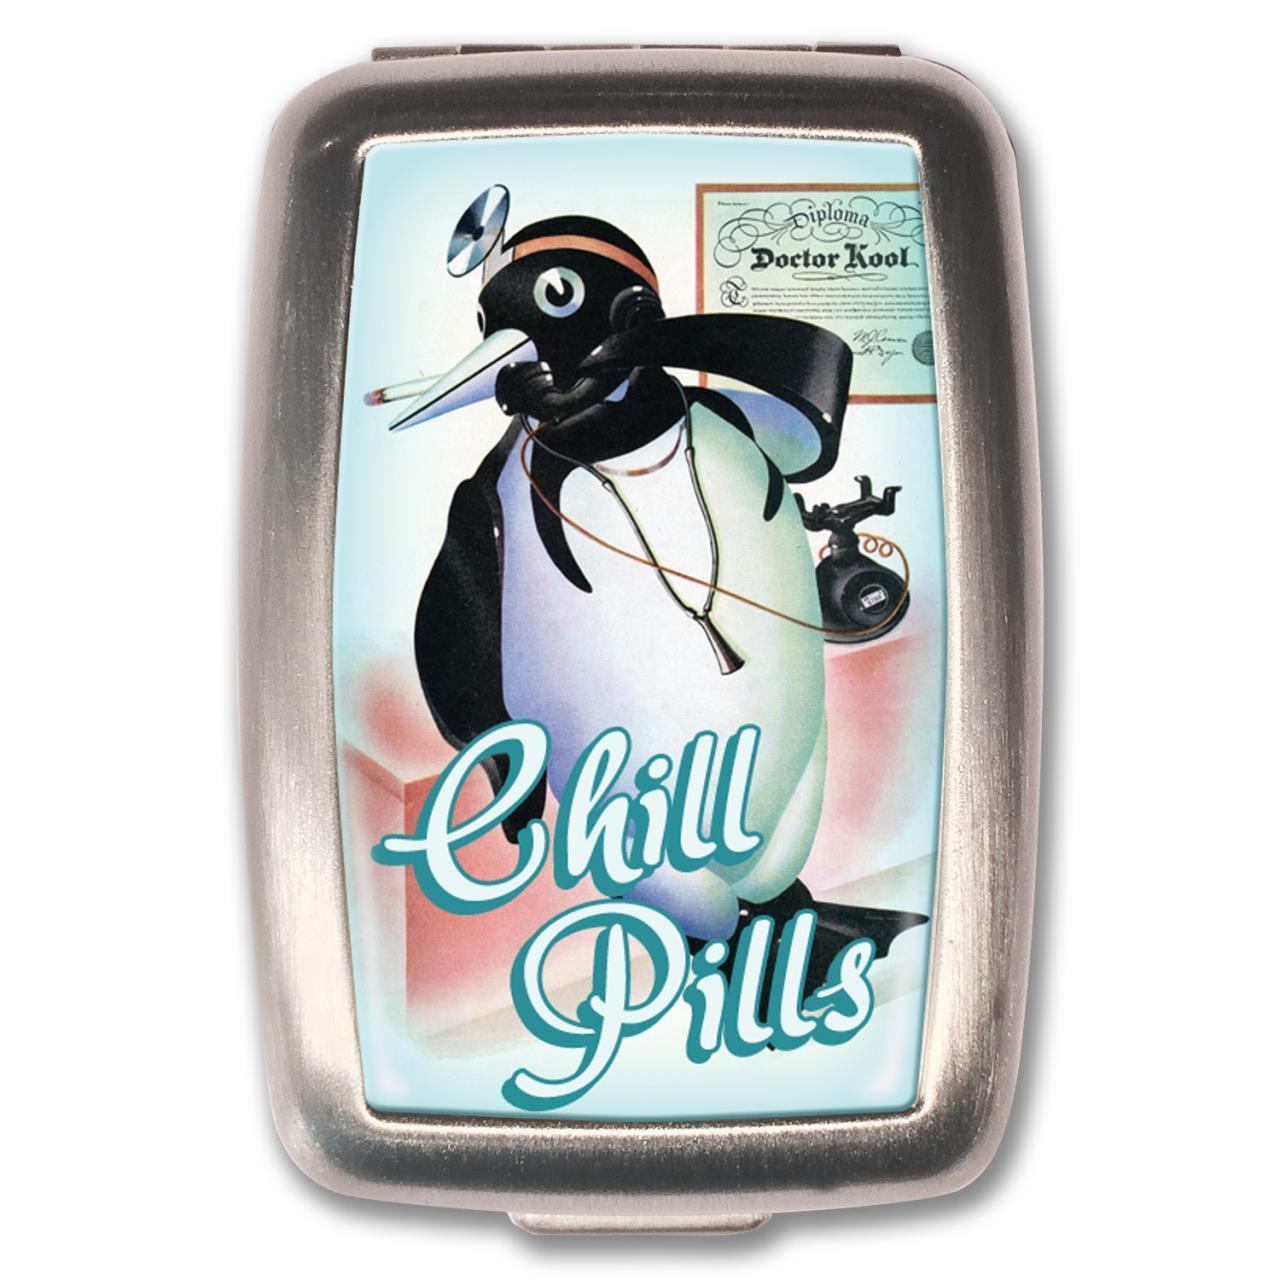 Chill Pills Pill Box - 0641938654868